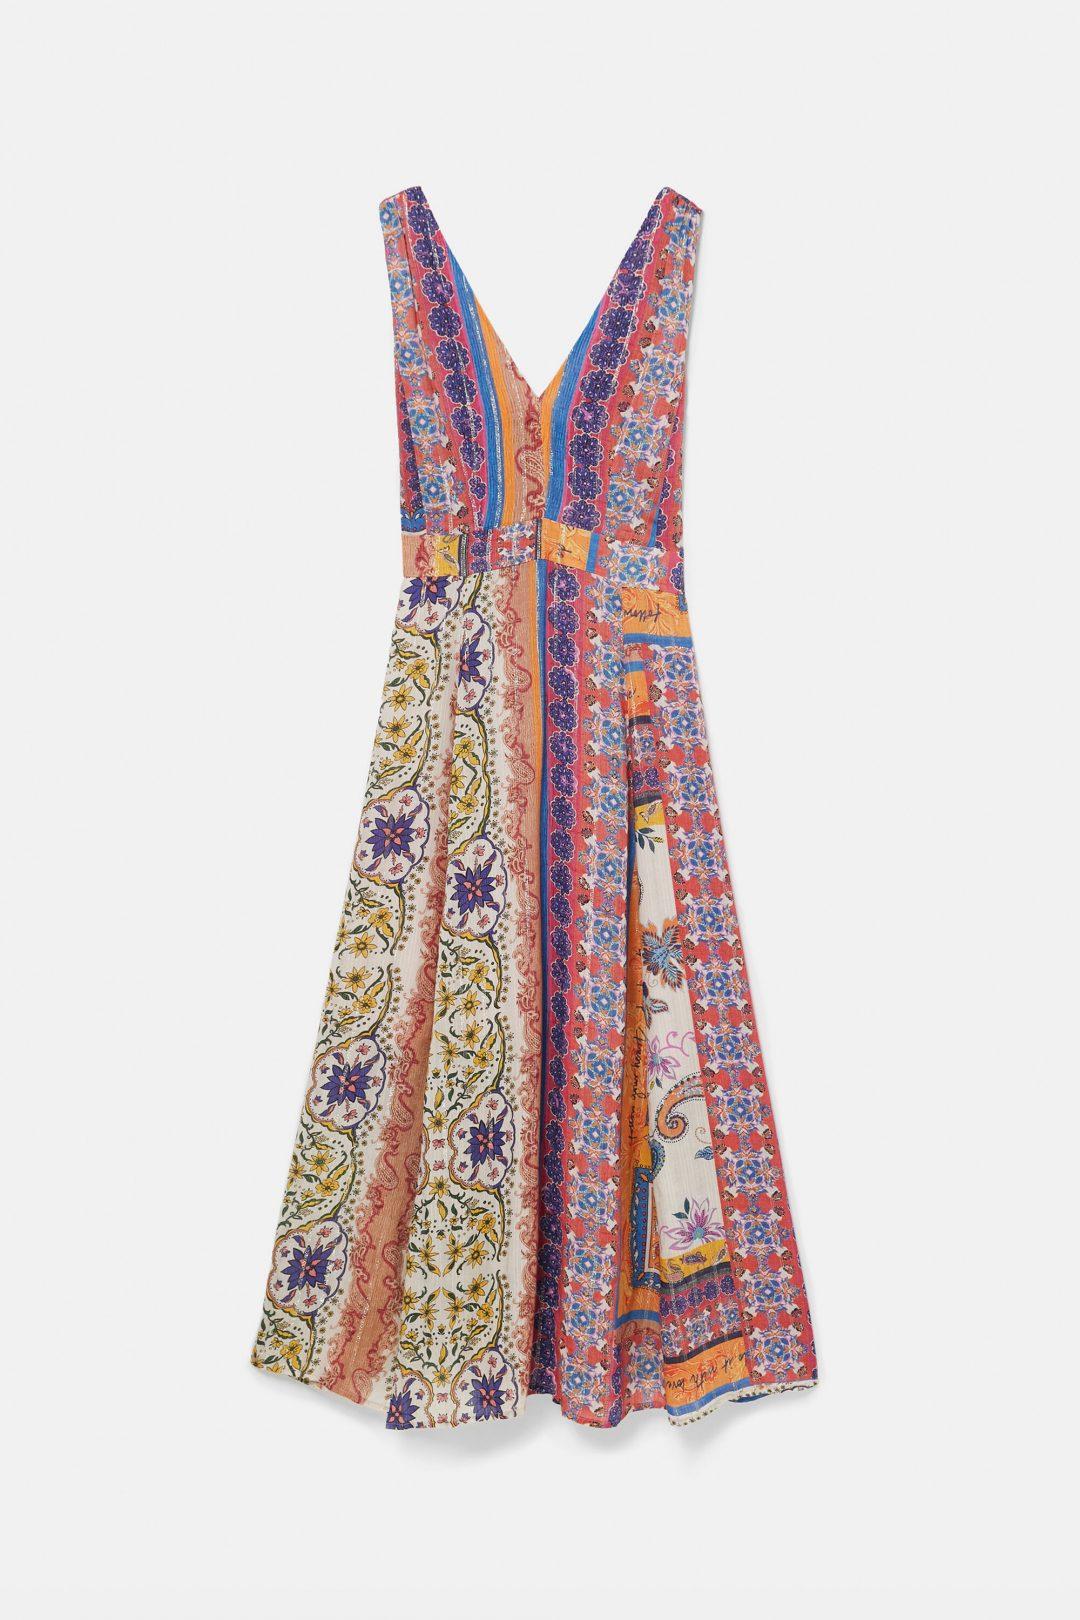 Desigual haljina 1209kn, Vikend+ cijena 967.20kn